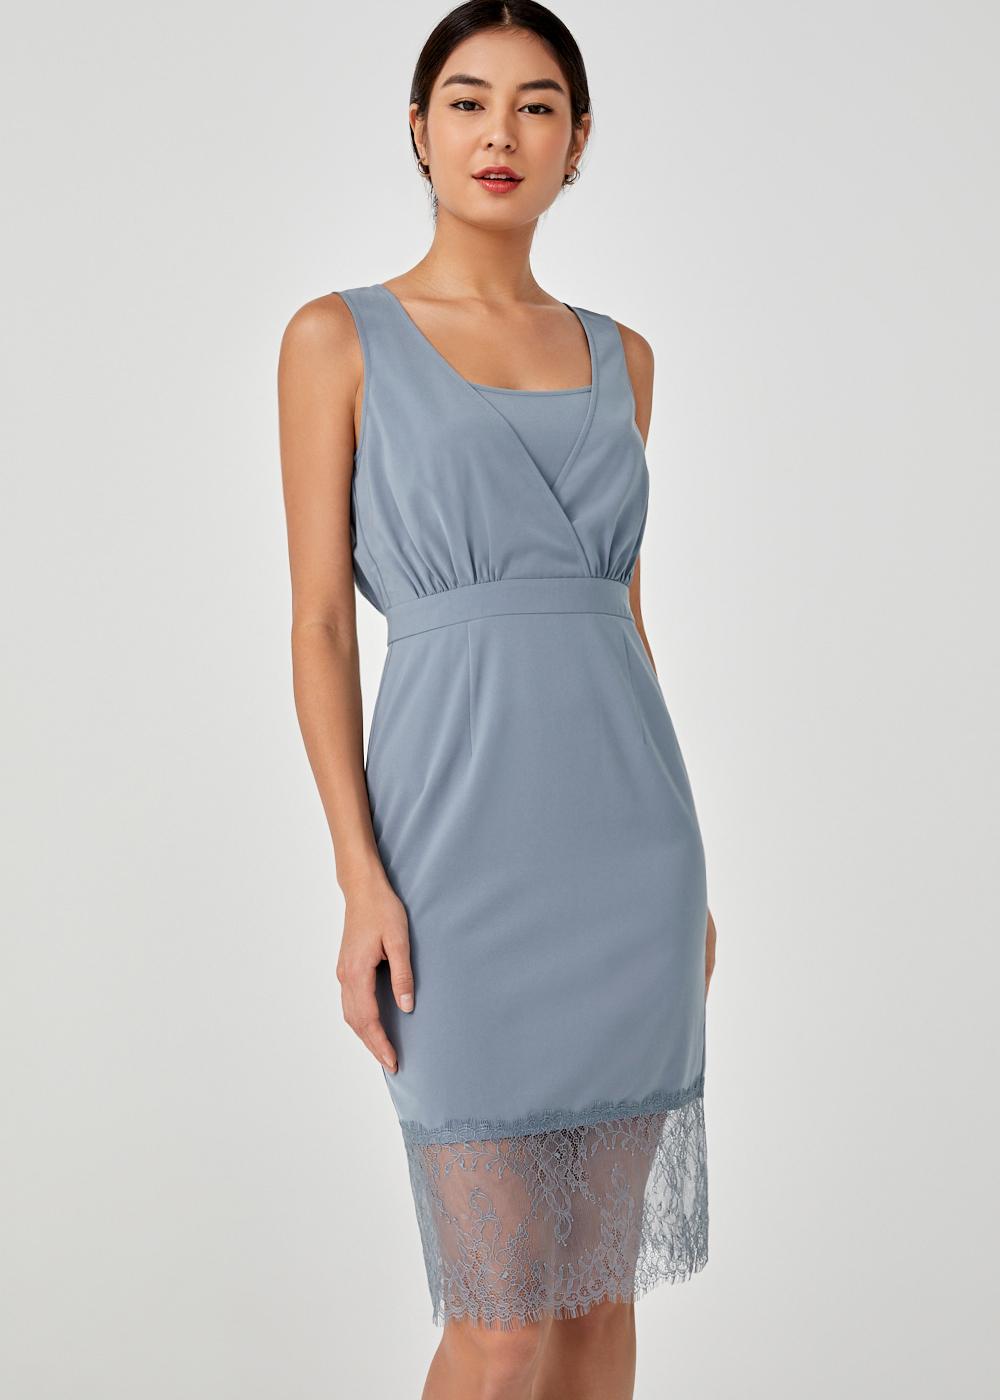 Tamika Back Slit Lace Trim Dress